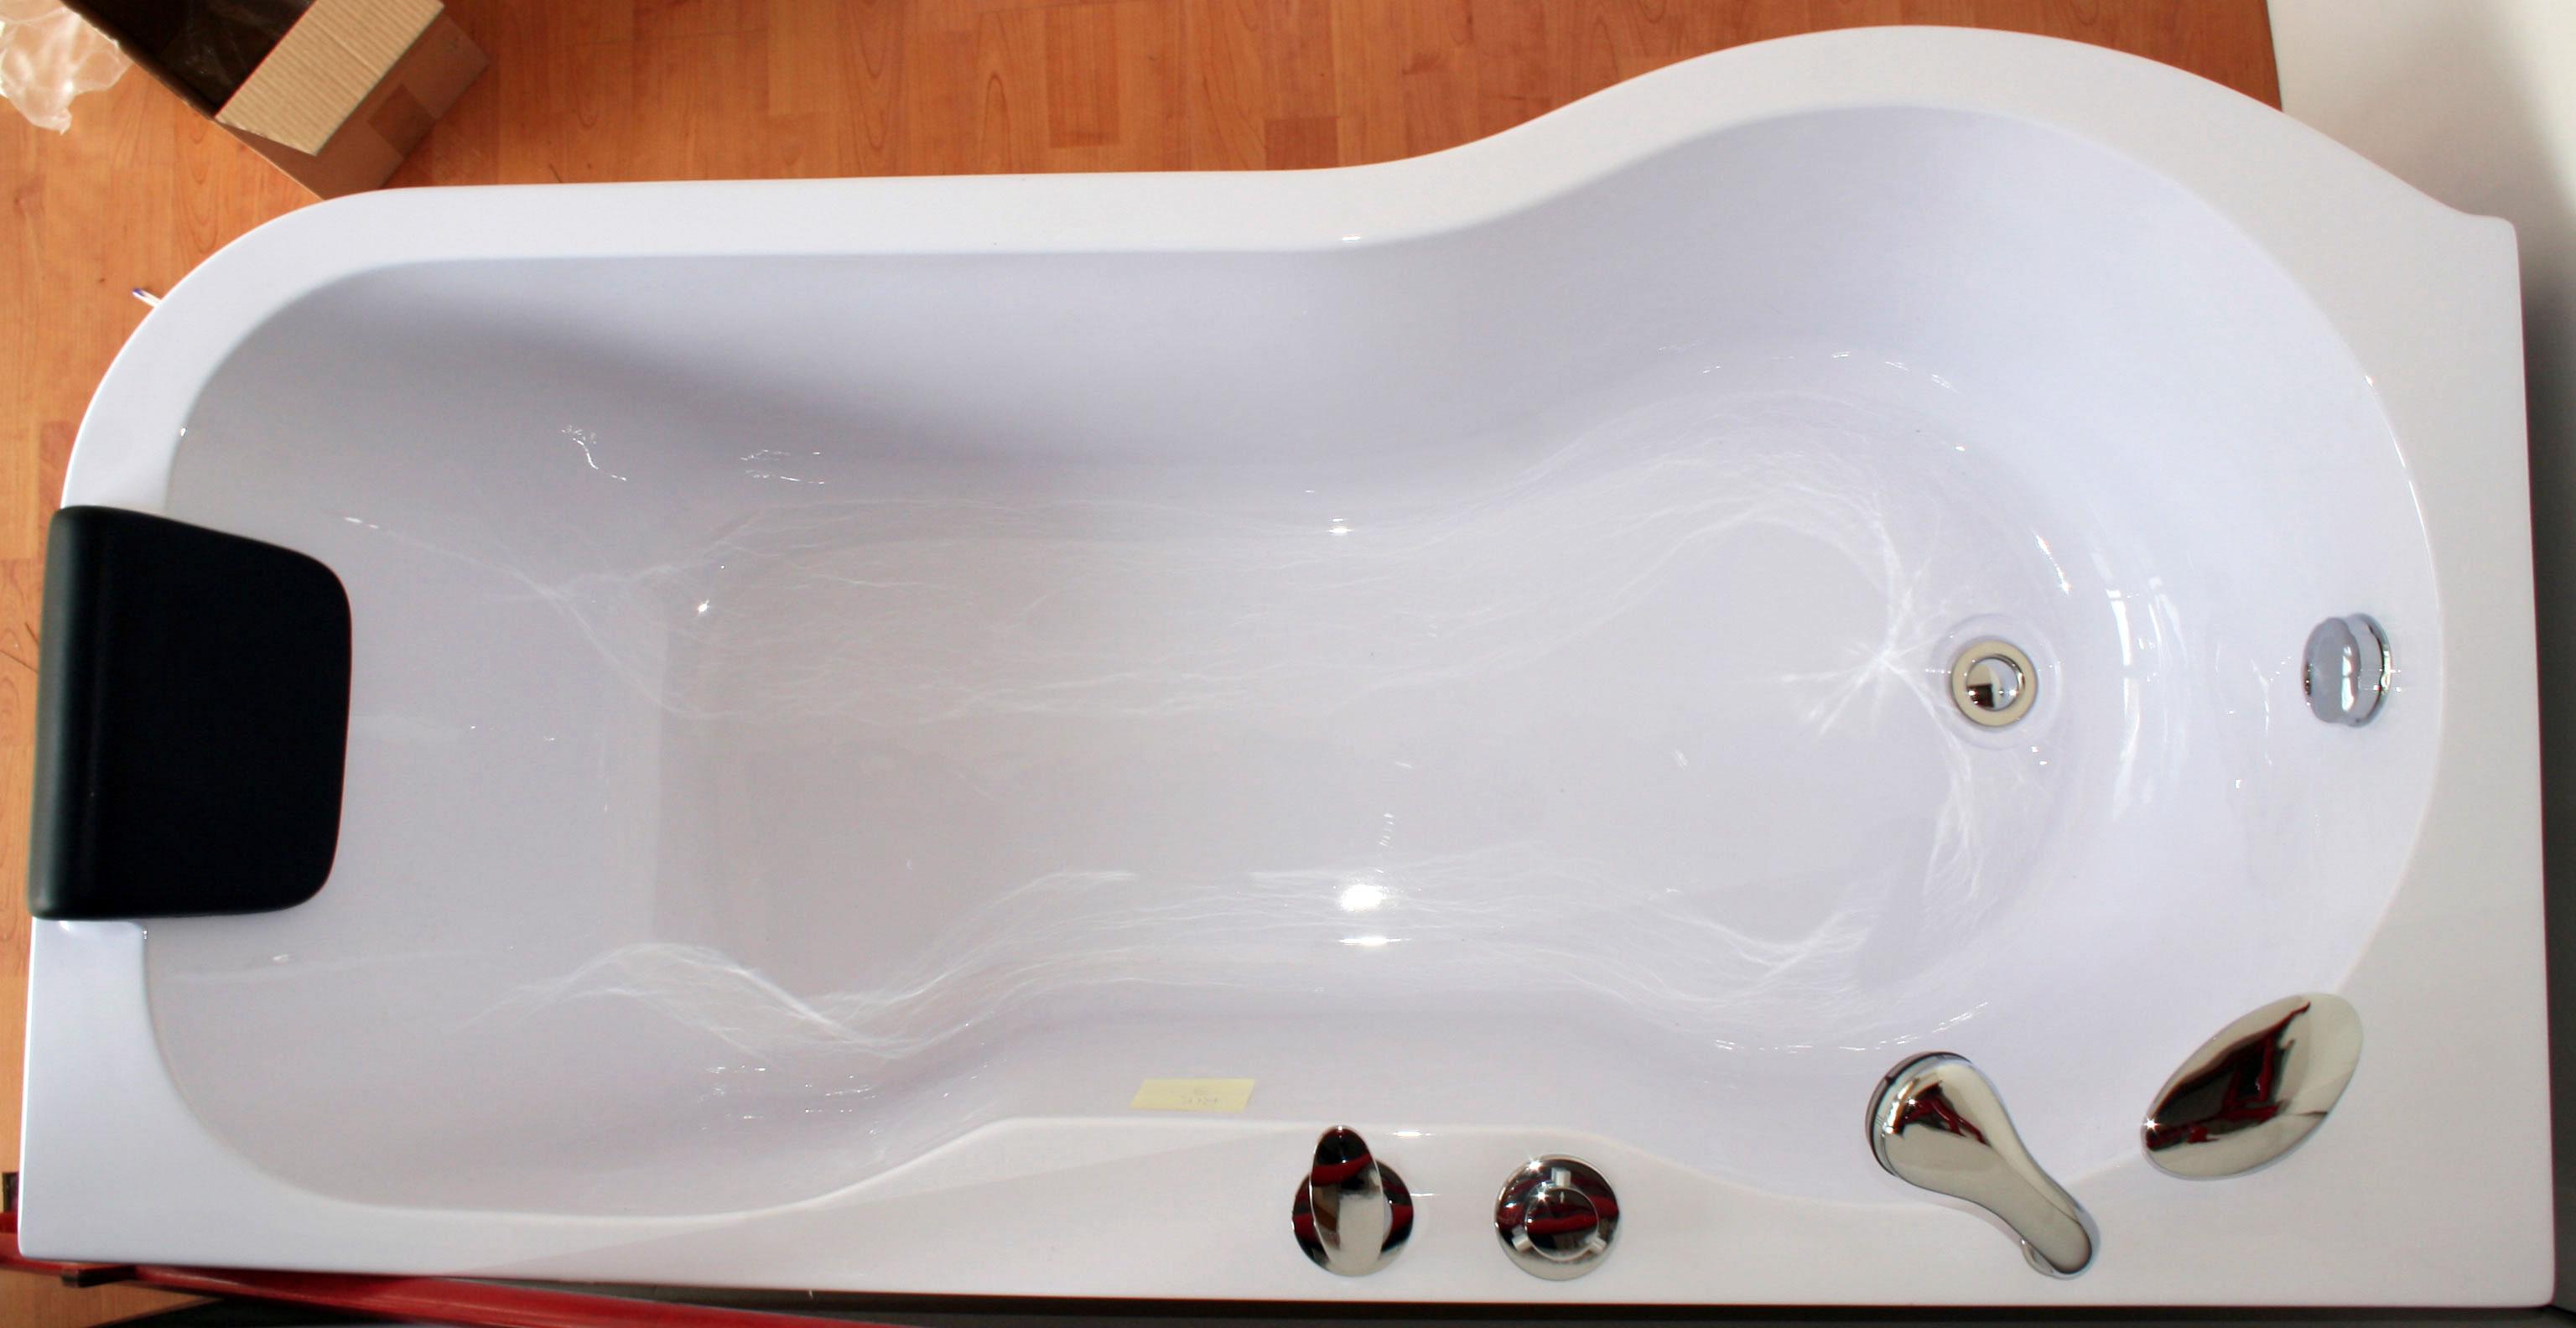 Coprilavatrice con lavatoio ikea - Mobile angolare ikea ps 2014 ...